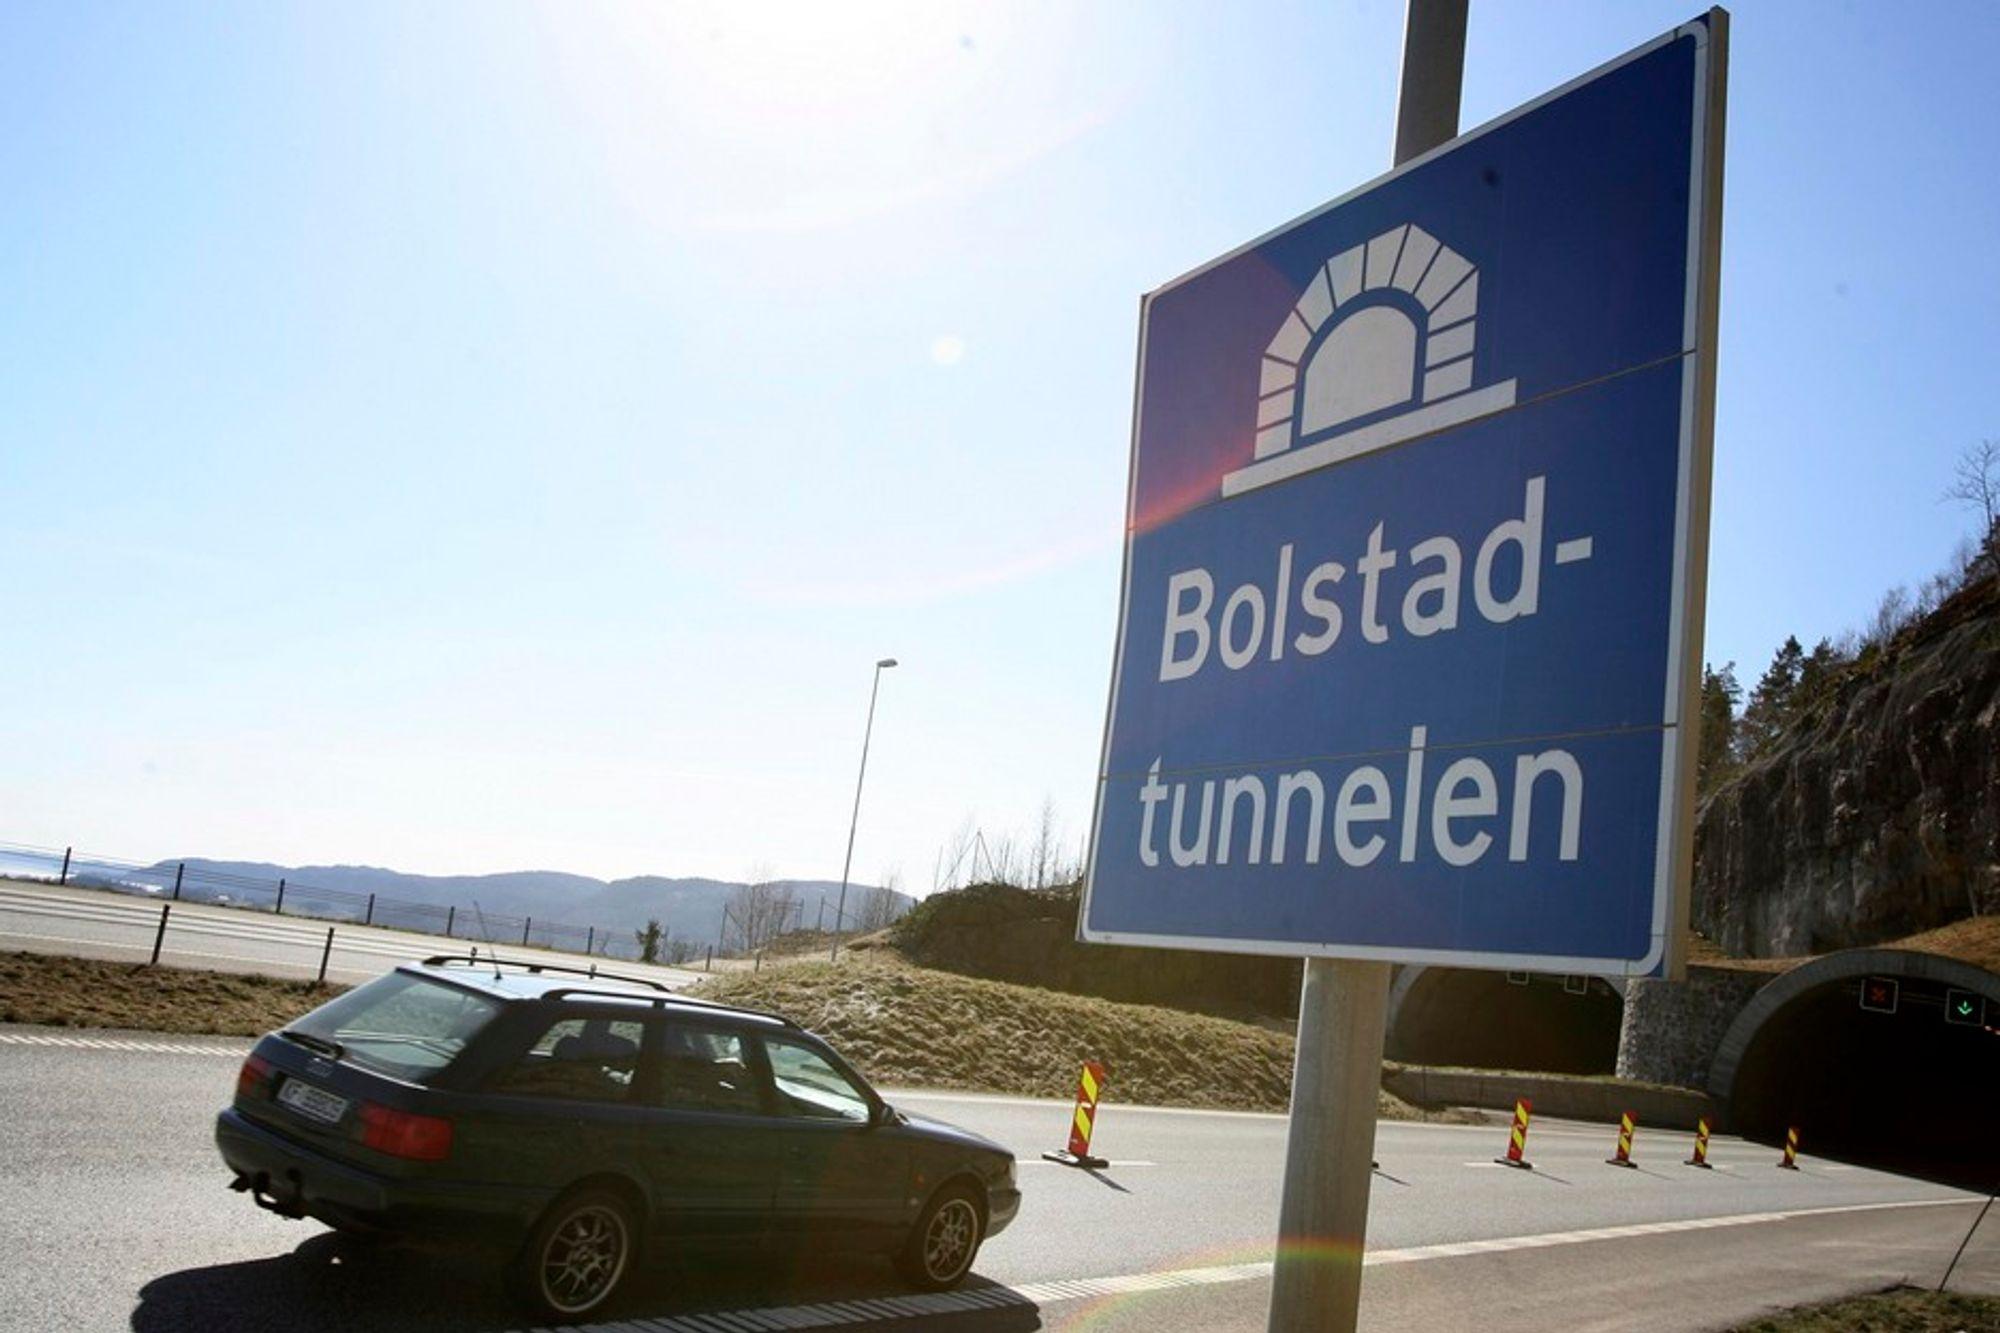 Bolstad-tunnelen på E-18 i Vestfold var blant dem som måtte sjekkes og sikres i våres etter ulykken i Hanekleivtunnelen.